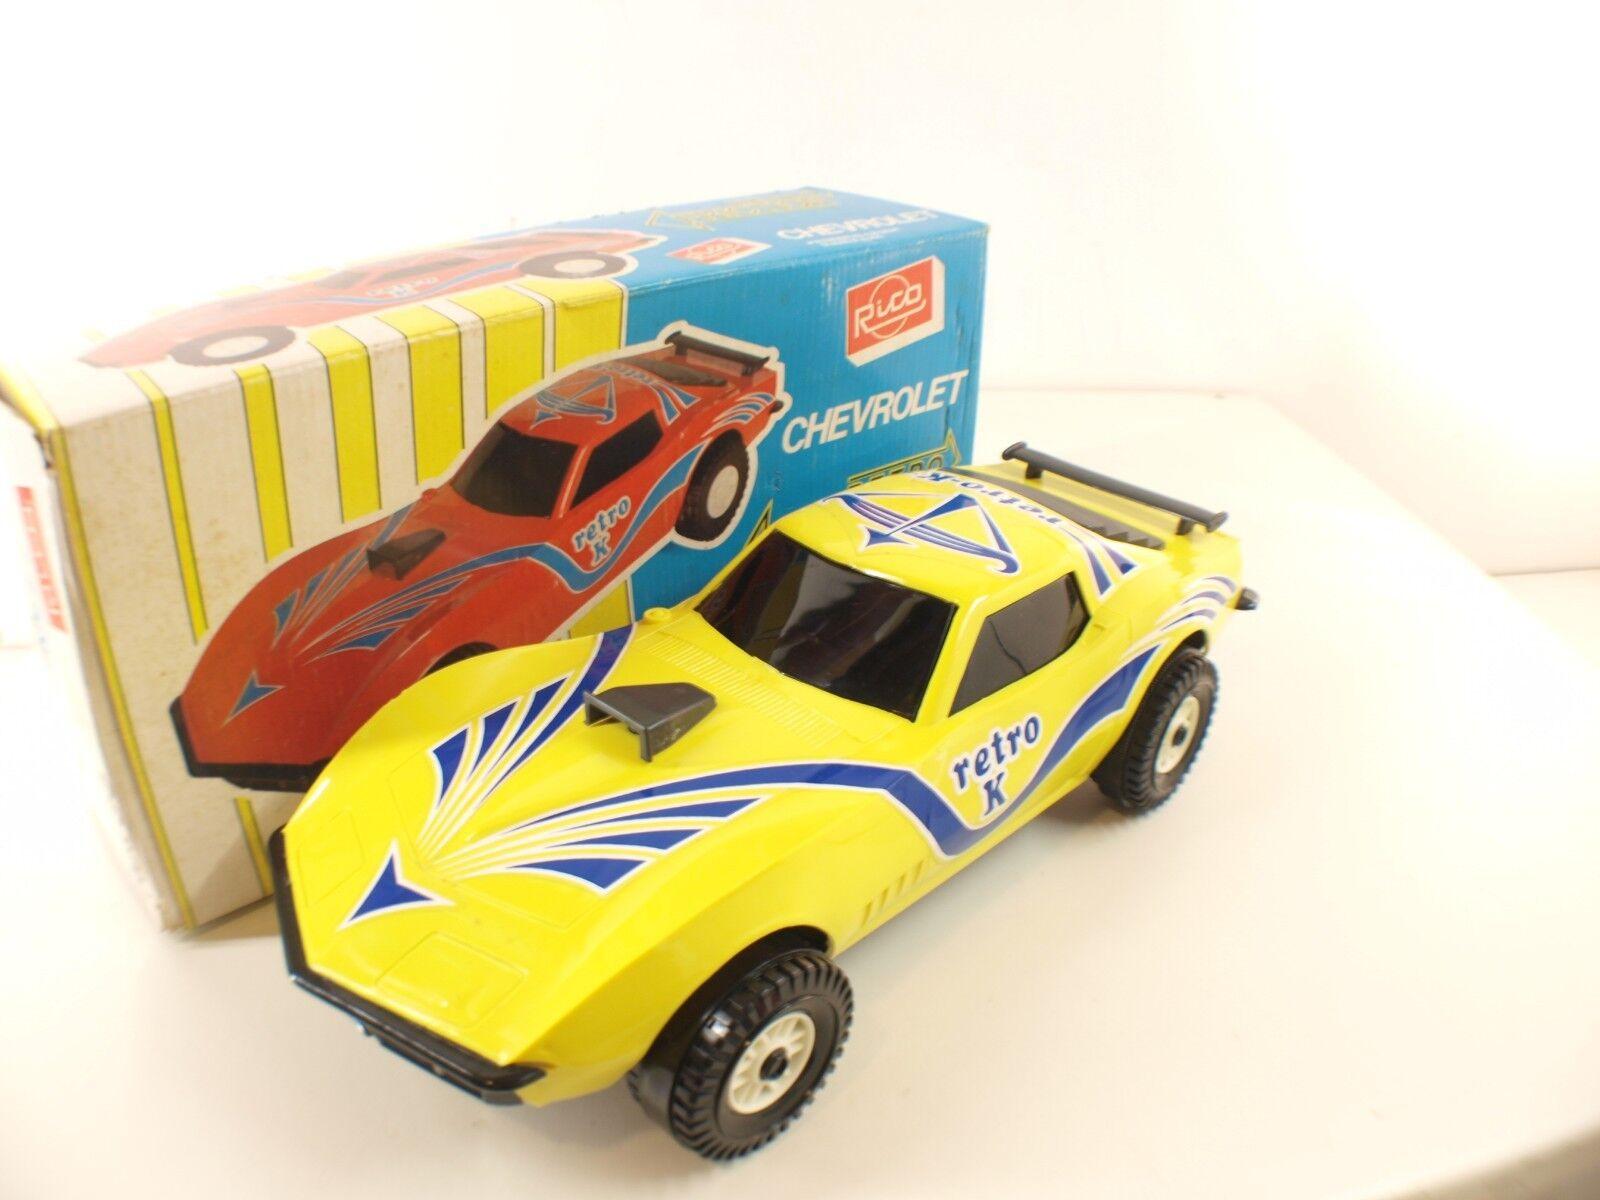 Rico Retro K Carga Spain n° 35 Chevrolet moteur à friction rare 35 cm tôle boite